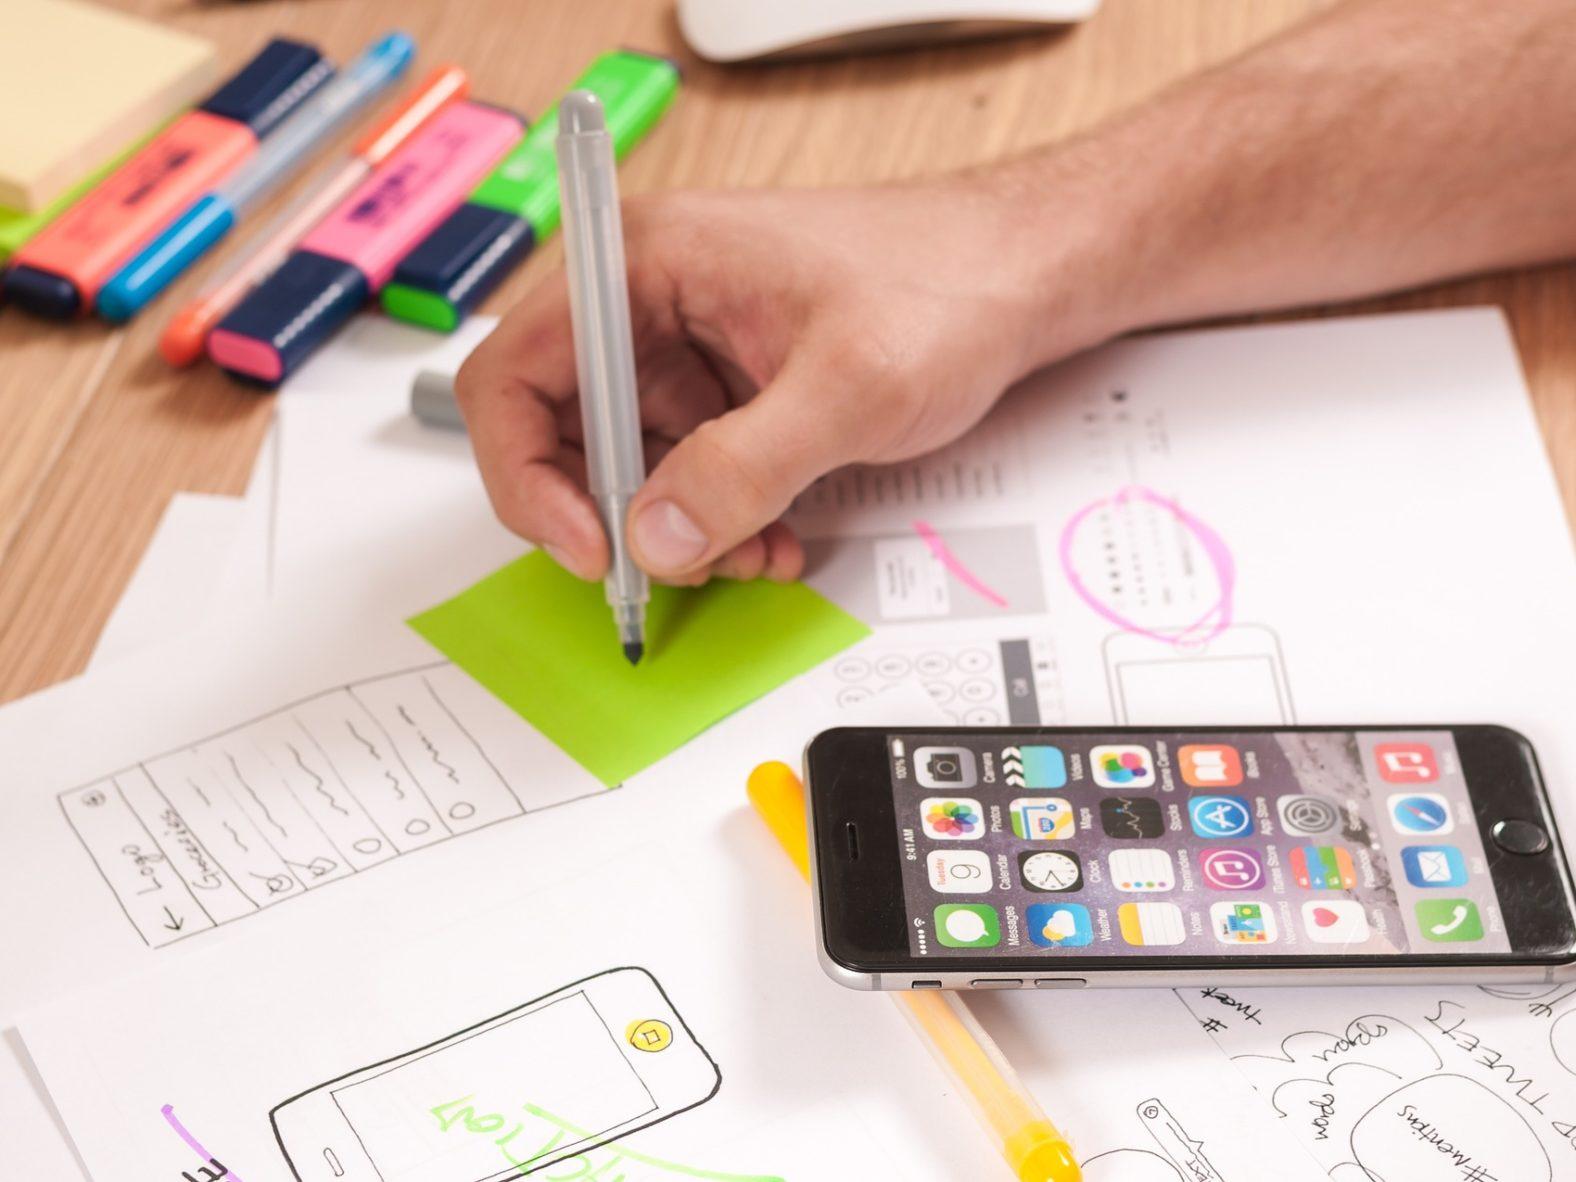 ビジネスフォン設置工事の事前準備と工事当日の流れ